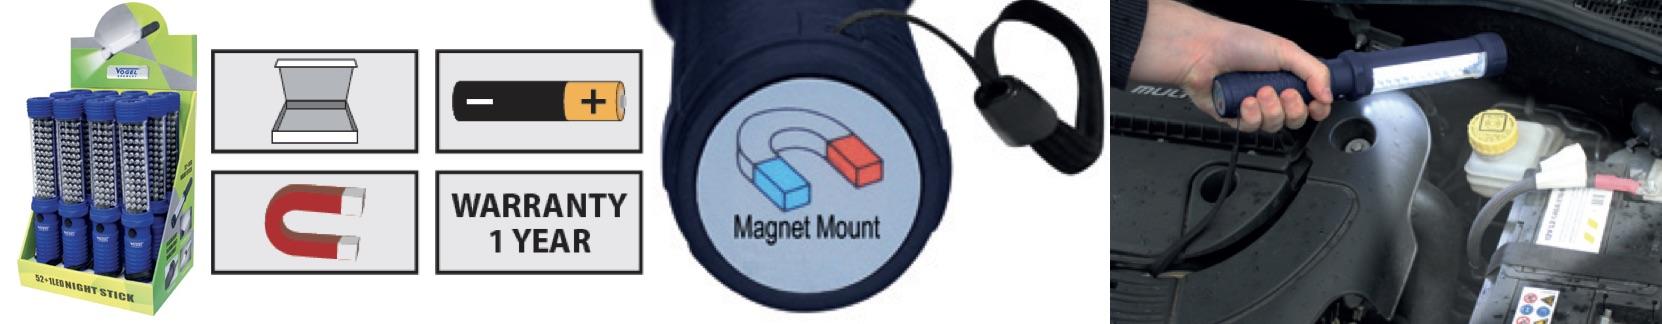 Đèn bảo dưỡng loại dùng pin thường AA, 3x1.5V